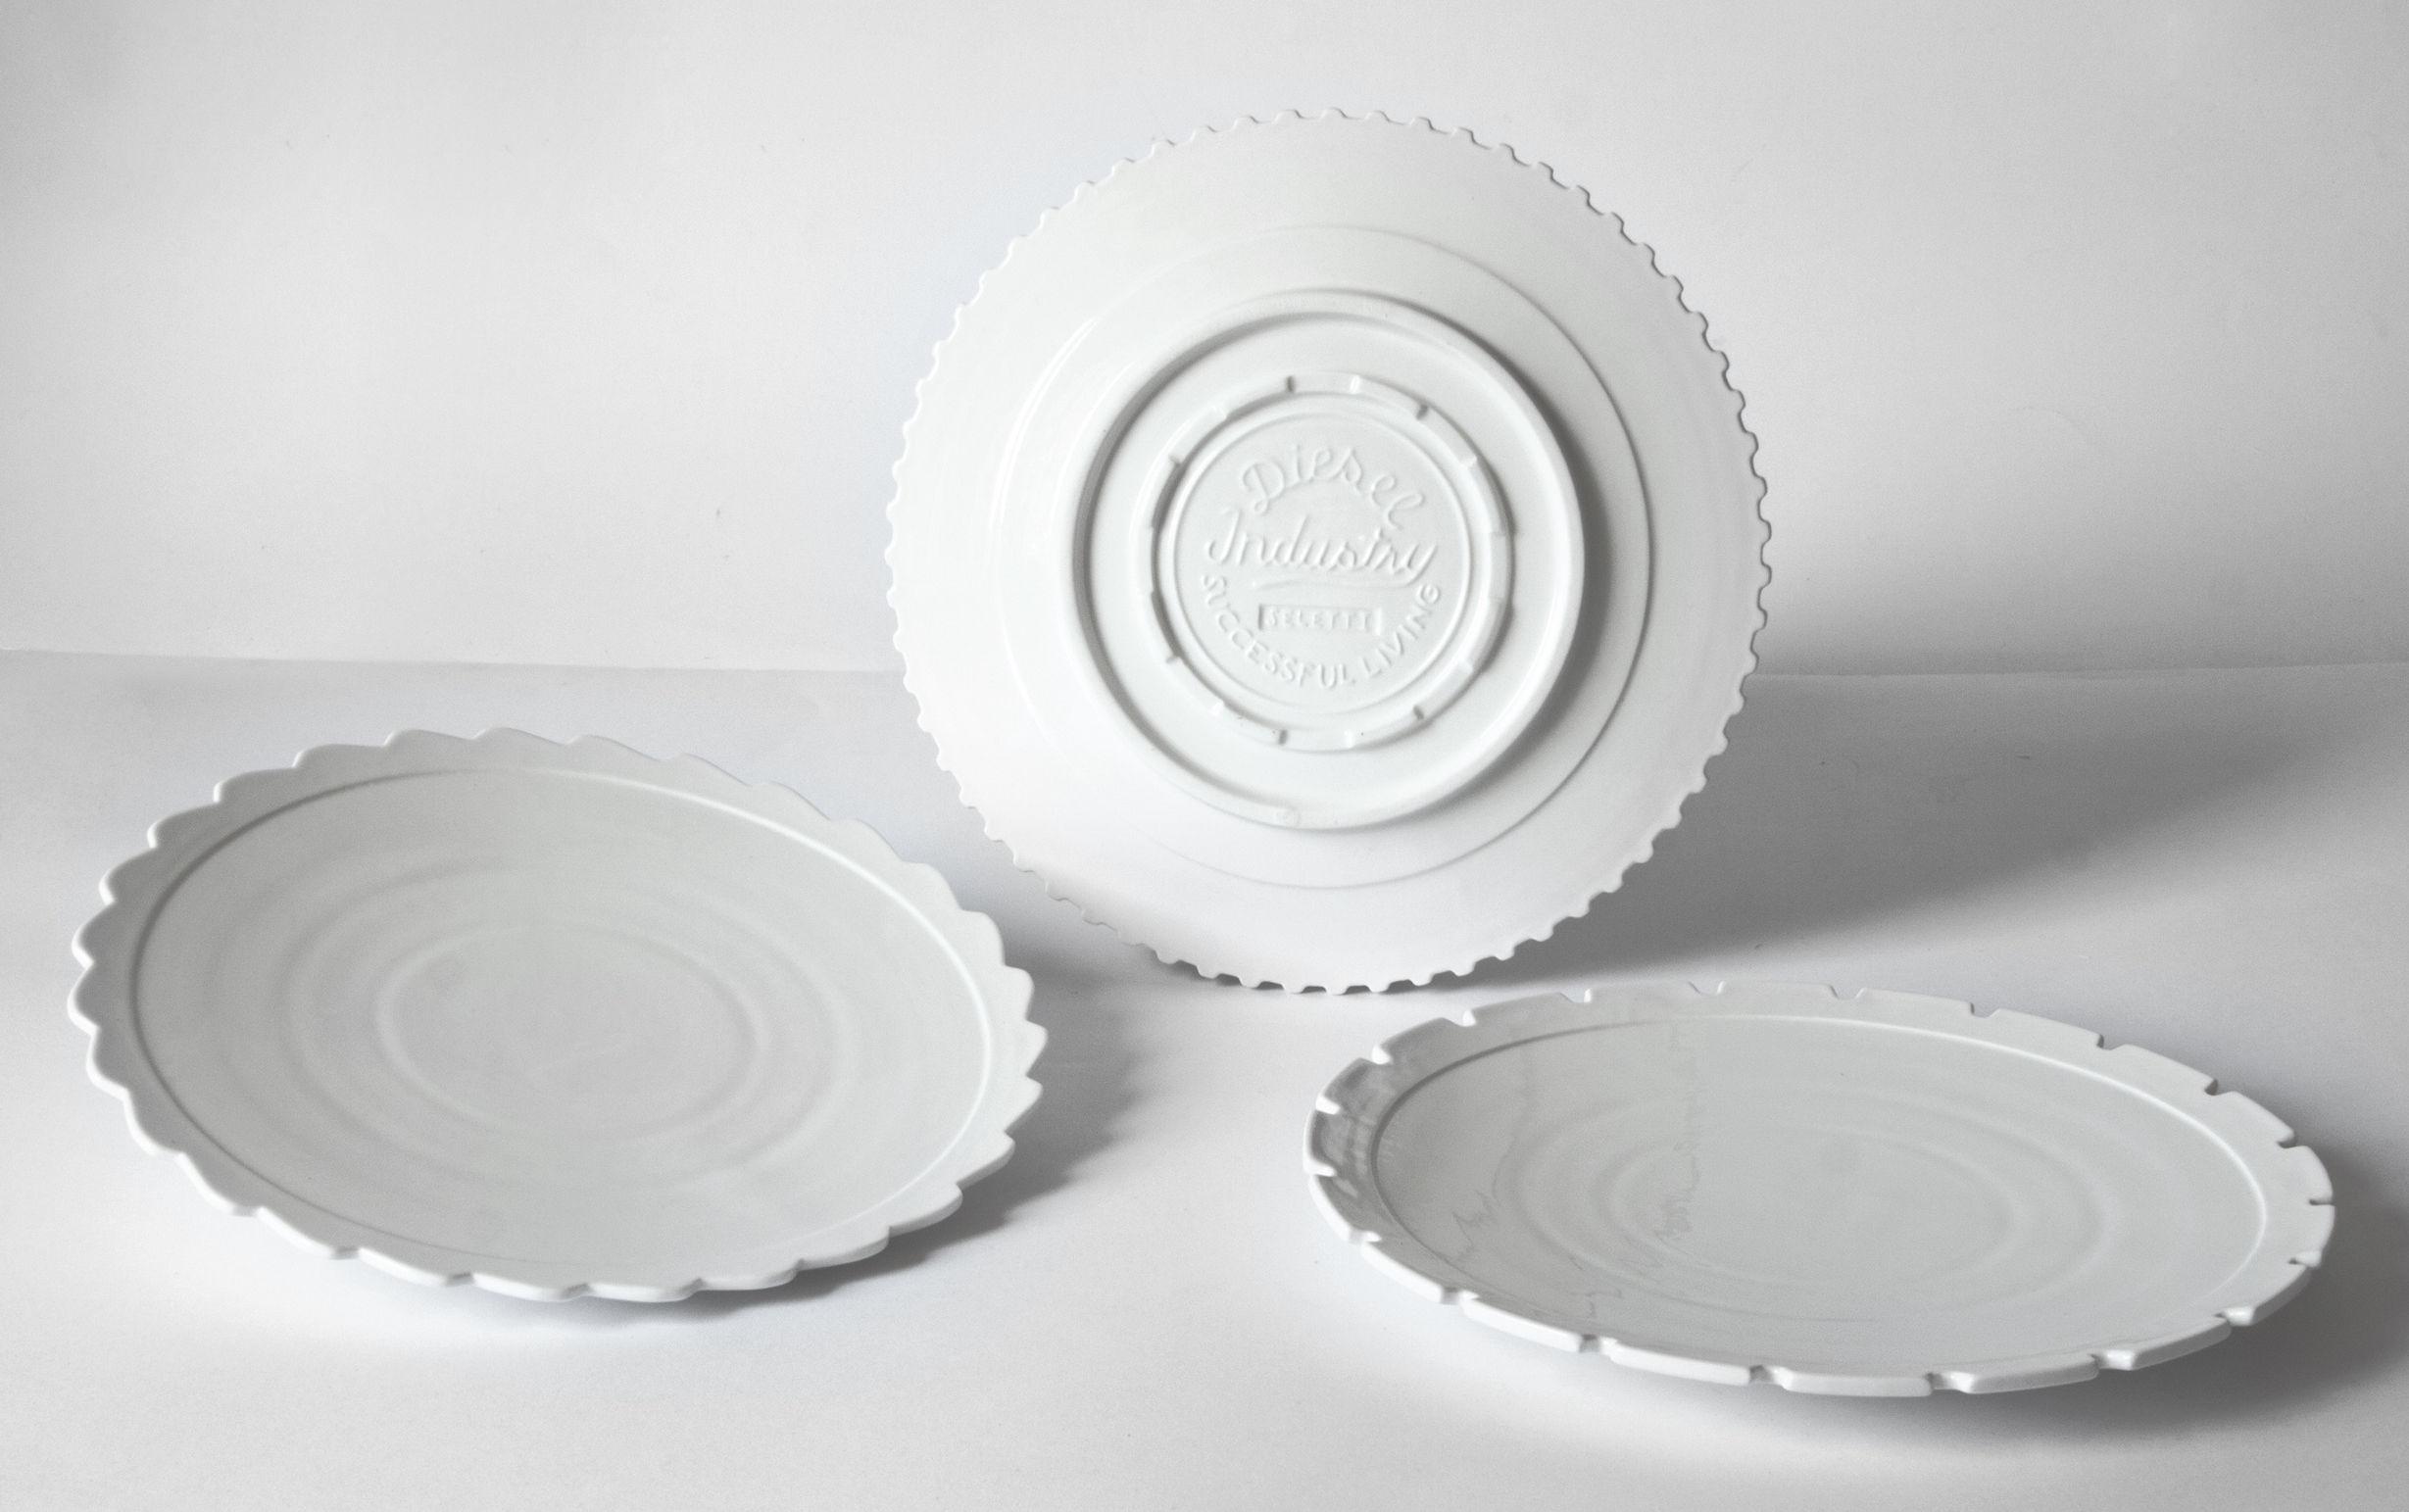 Arts de la table - Assiettes - Assiette Machine Collection / Ø 27,2 cm - Set de 3 - Diesel living with Seletti - Blanc - Porcelaine